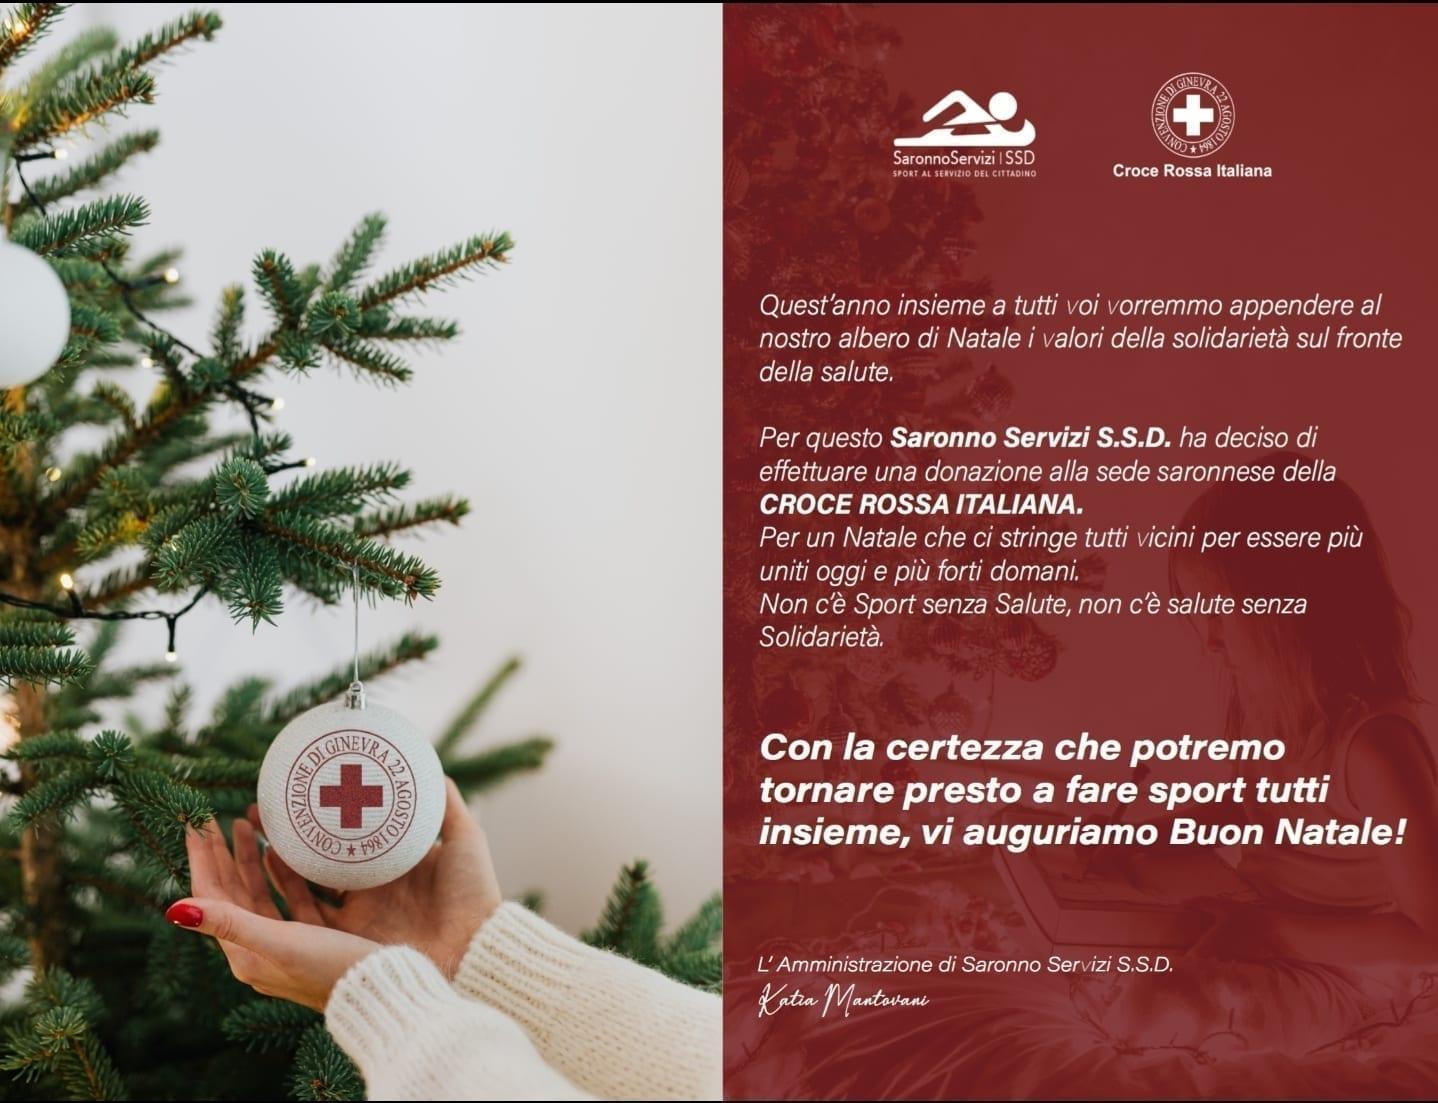 Auguri Di Natale Per Sportivi.Natale Saronno Servizi Ssd Si Regala Una Donazione A Croce Rossa Saronno Ilsaronno